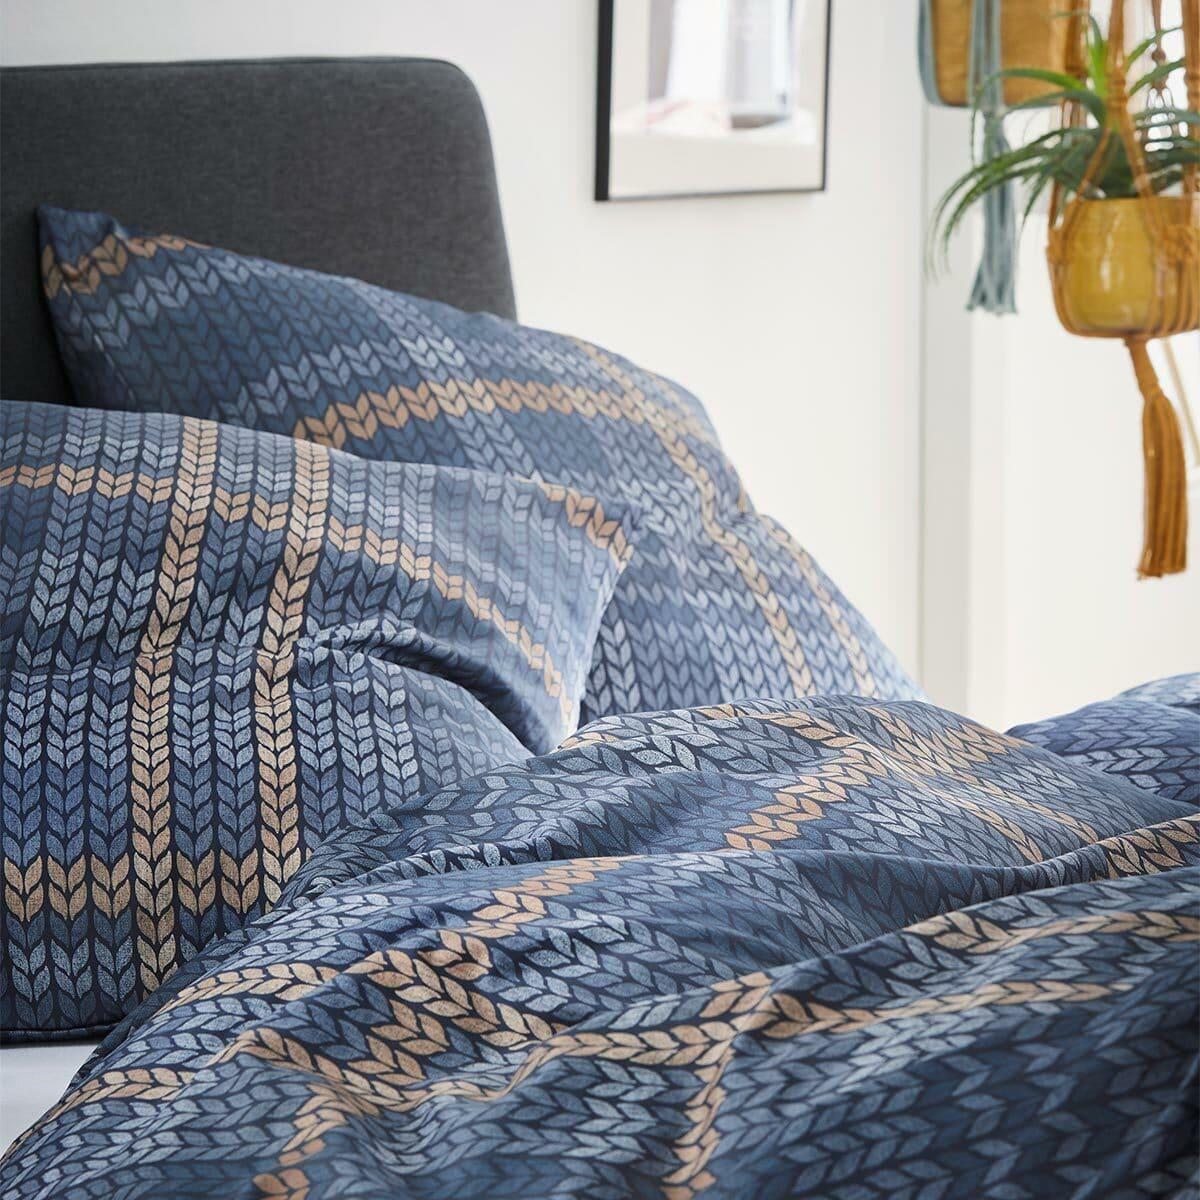 s.Oliver Feinflanell Bettwäsche 6279-640 blau nougatbraun